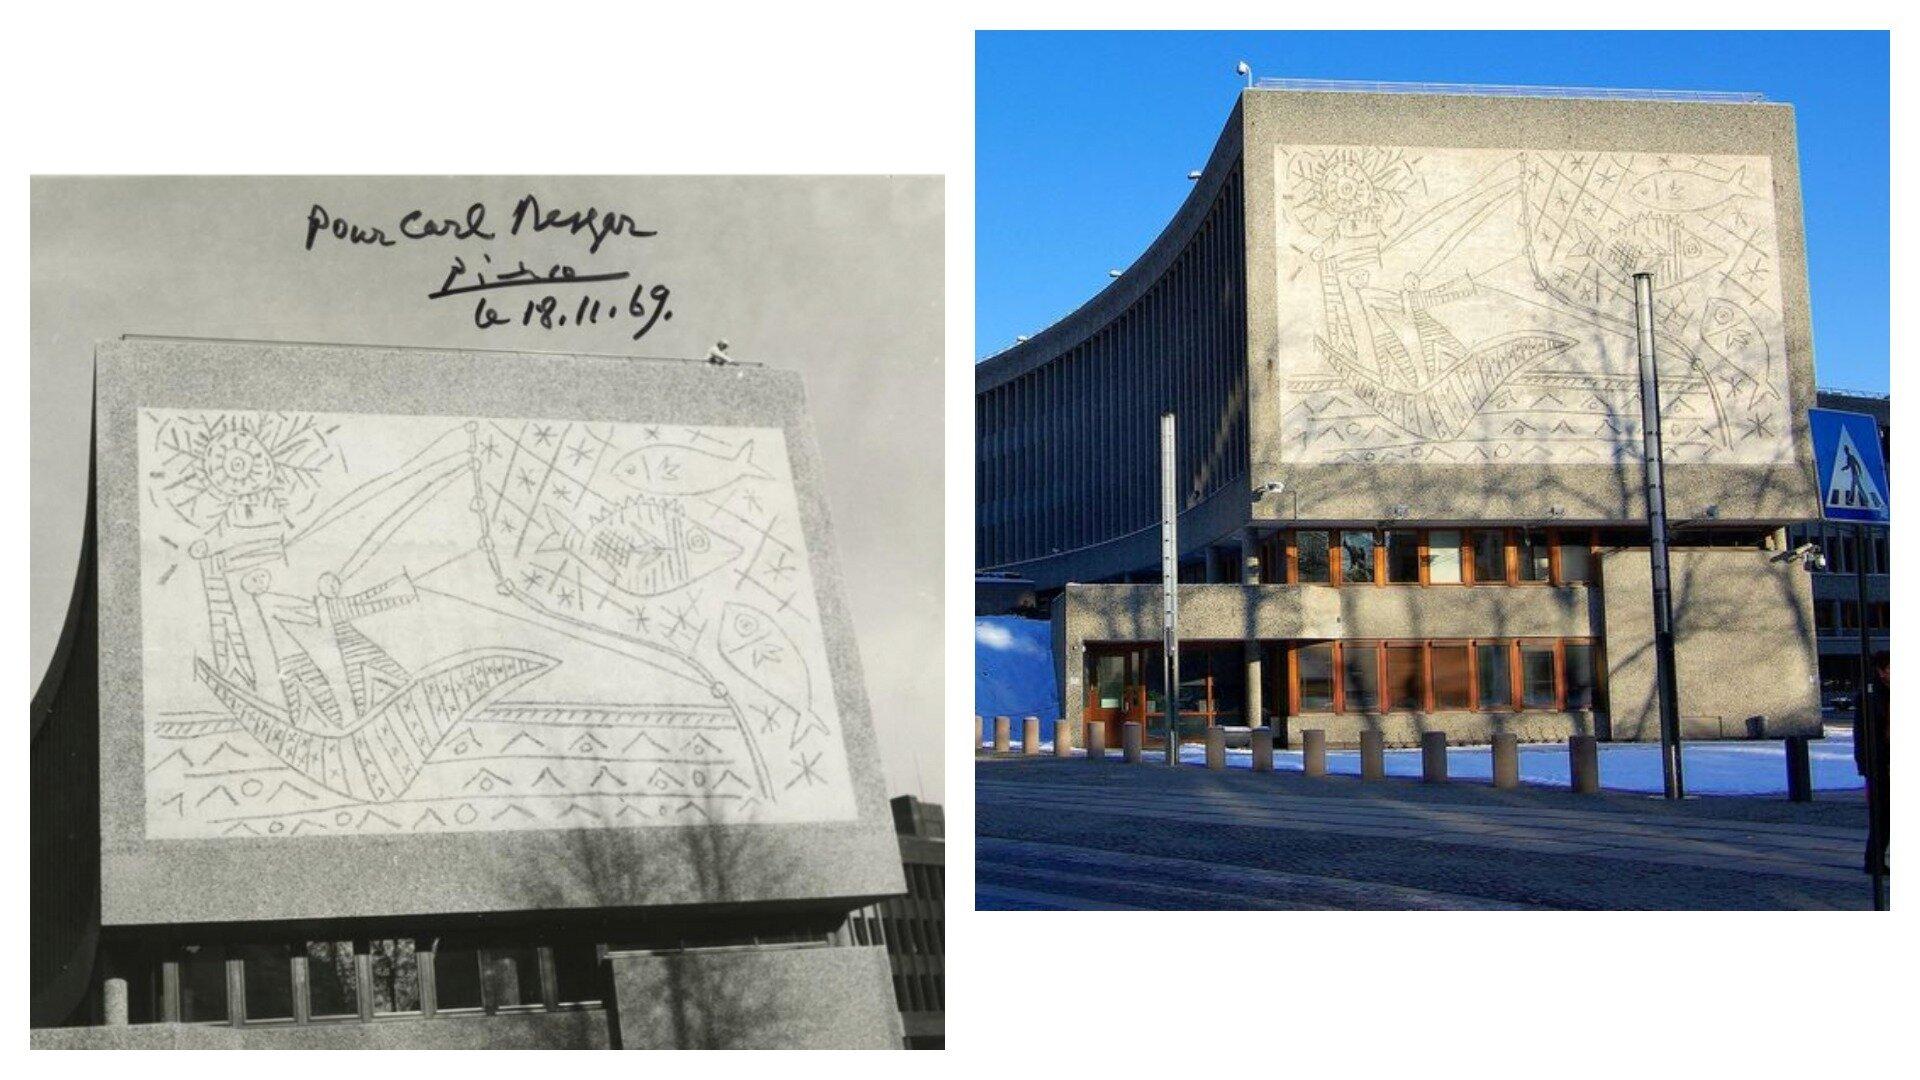 У Норвегії знищать сграфіто Пабло Пікассо